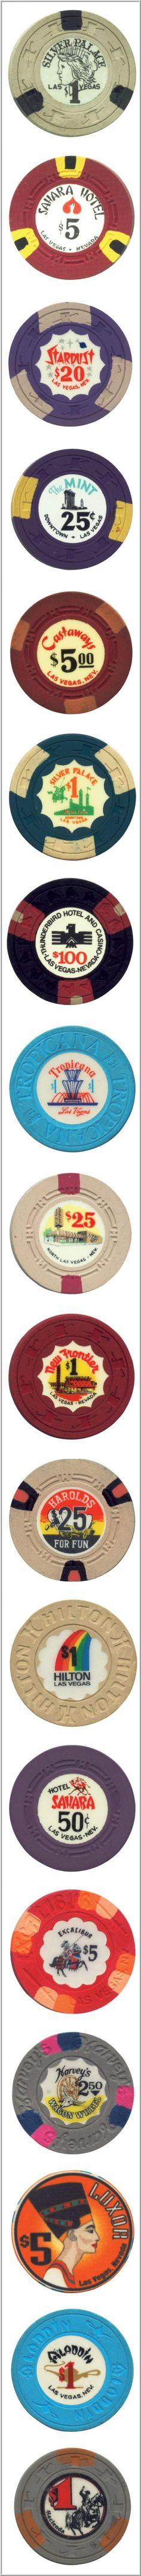 Vintage Las Vegas Gaming Chips II